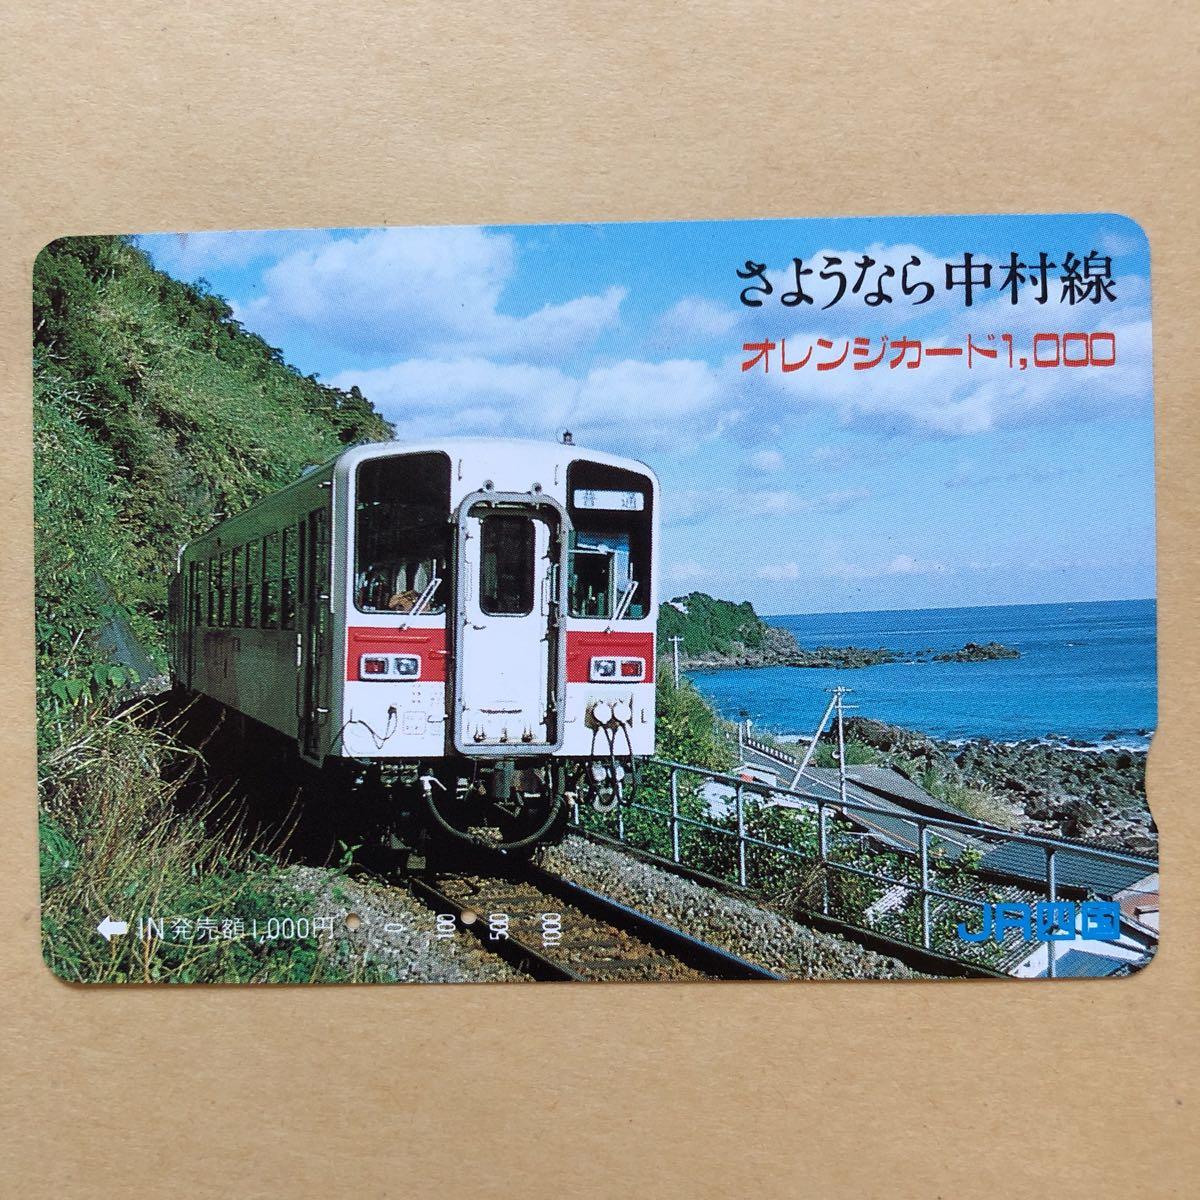 【使用済】 オレンジカード JR四国 さよなら中村線_画像1